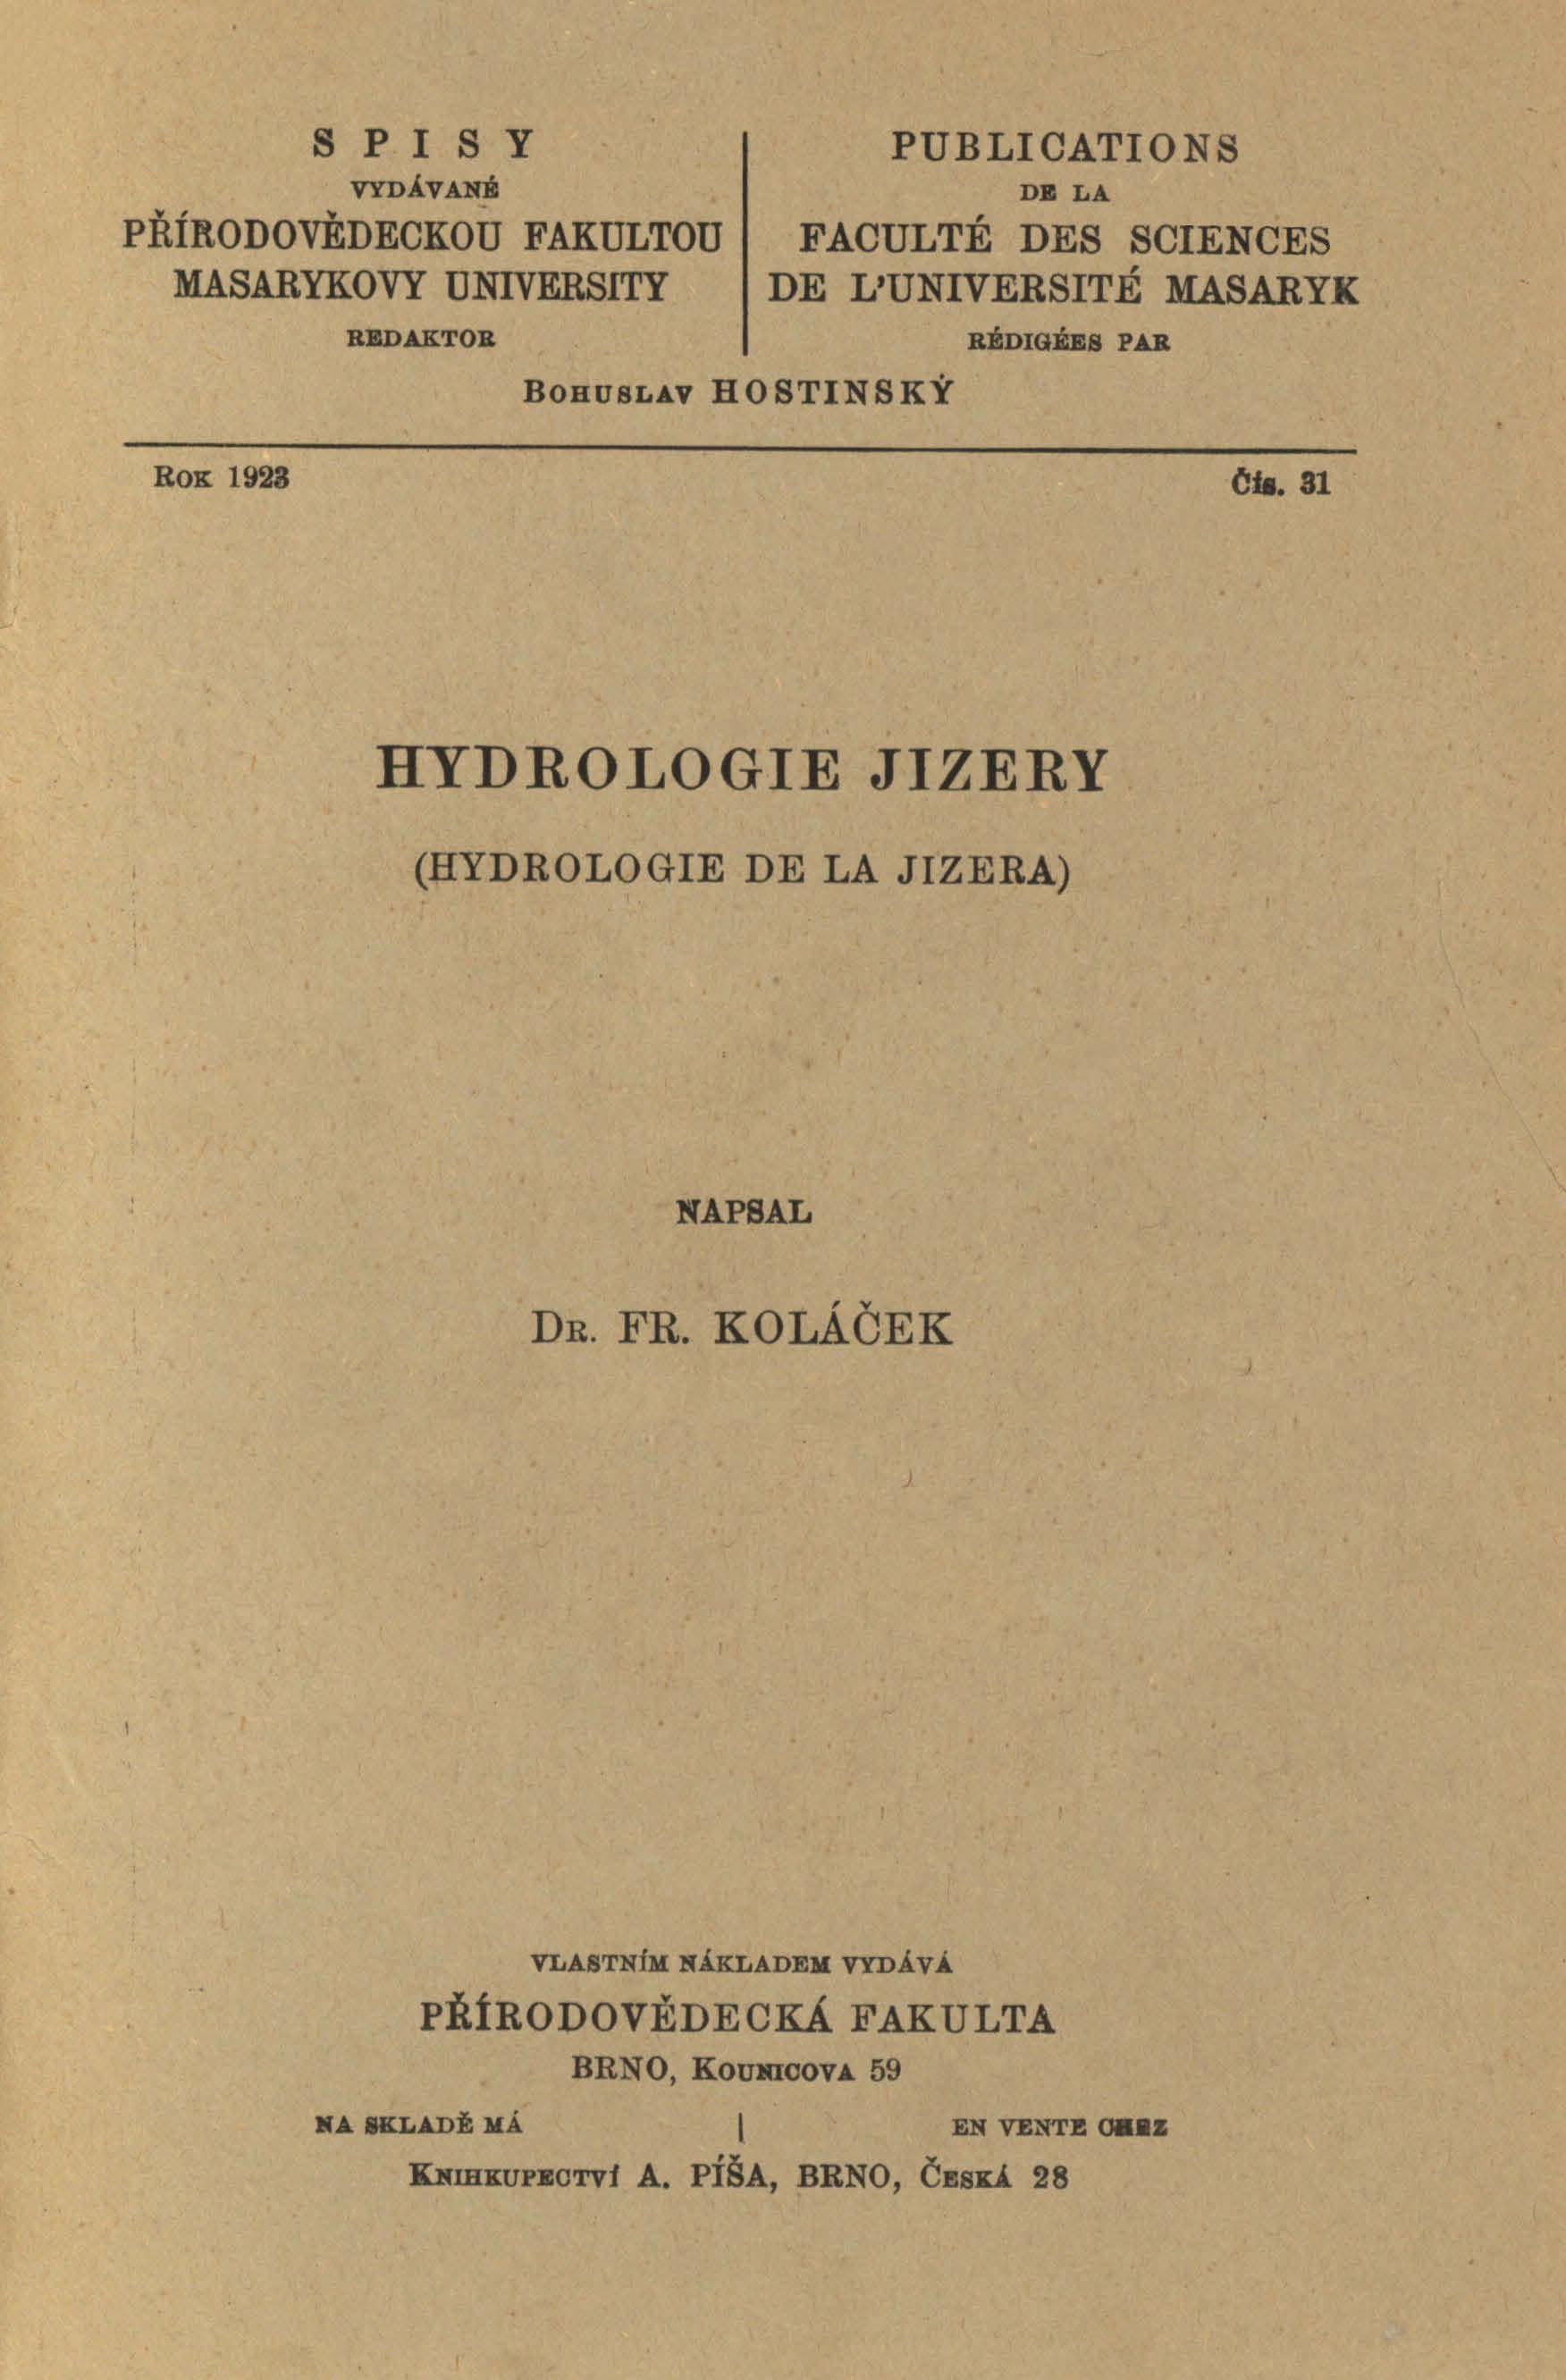 Obálka pro Hydrologie Jizery